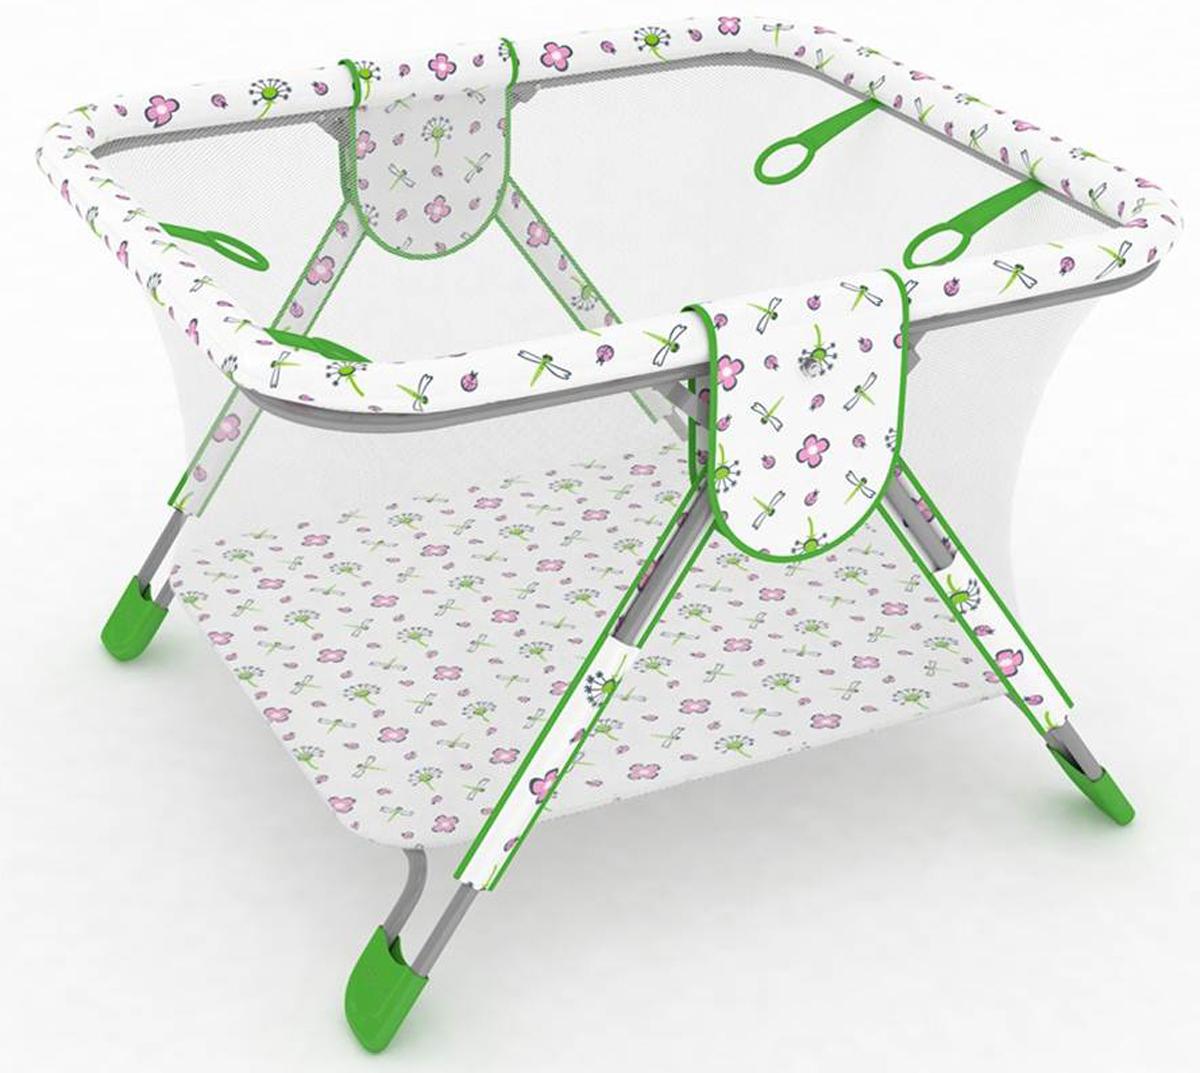 Polini Манеж Книжка цвет зеленый0001357-4Улучшенная модель детского манежа Книжка:европейская модель, складной. Размеры (ДхШхВ) – 103 x 73 x 77 см.